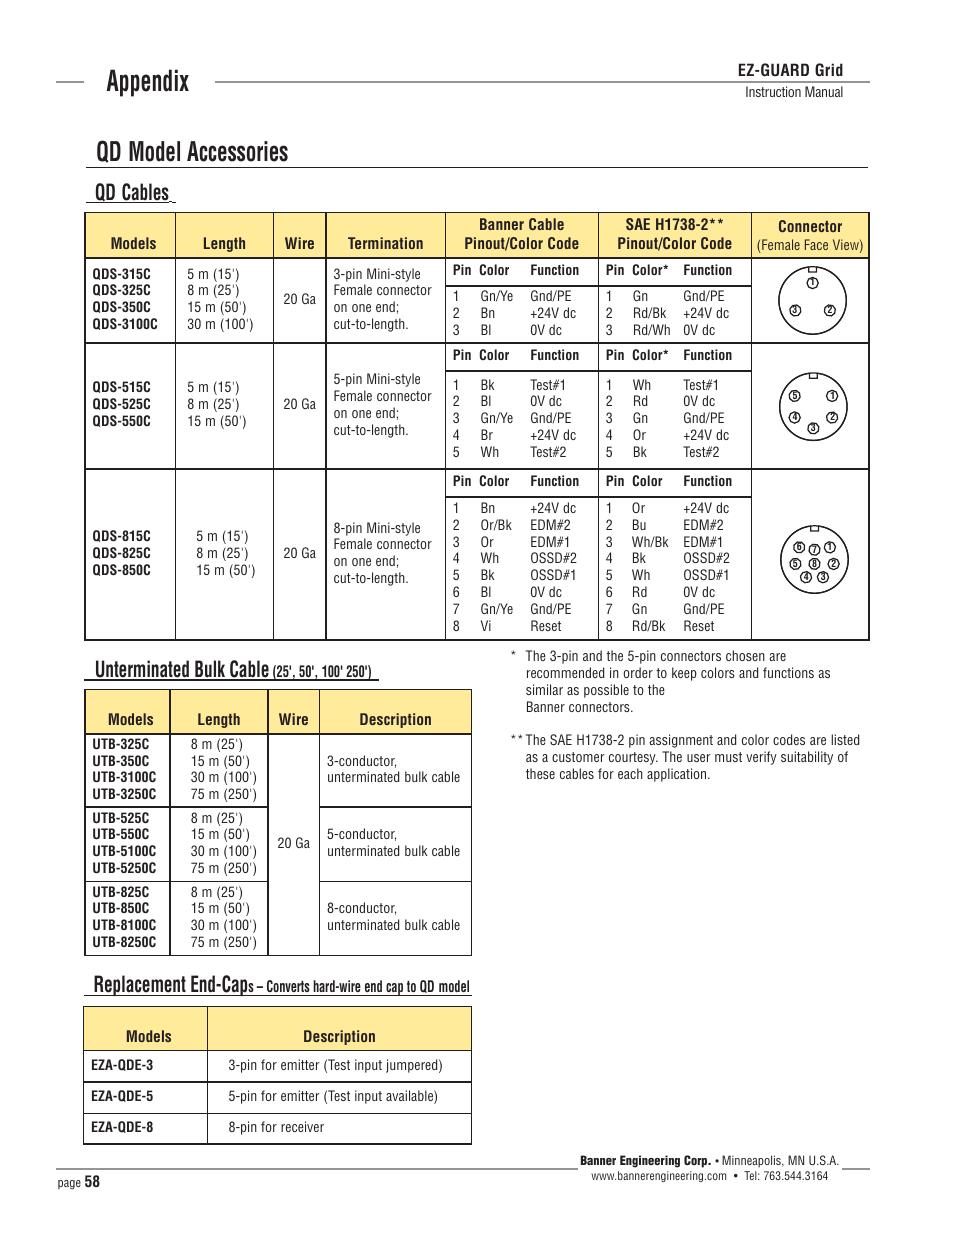 Appendix  Qd Model Accessories  Replacement End